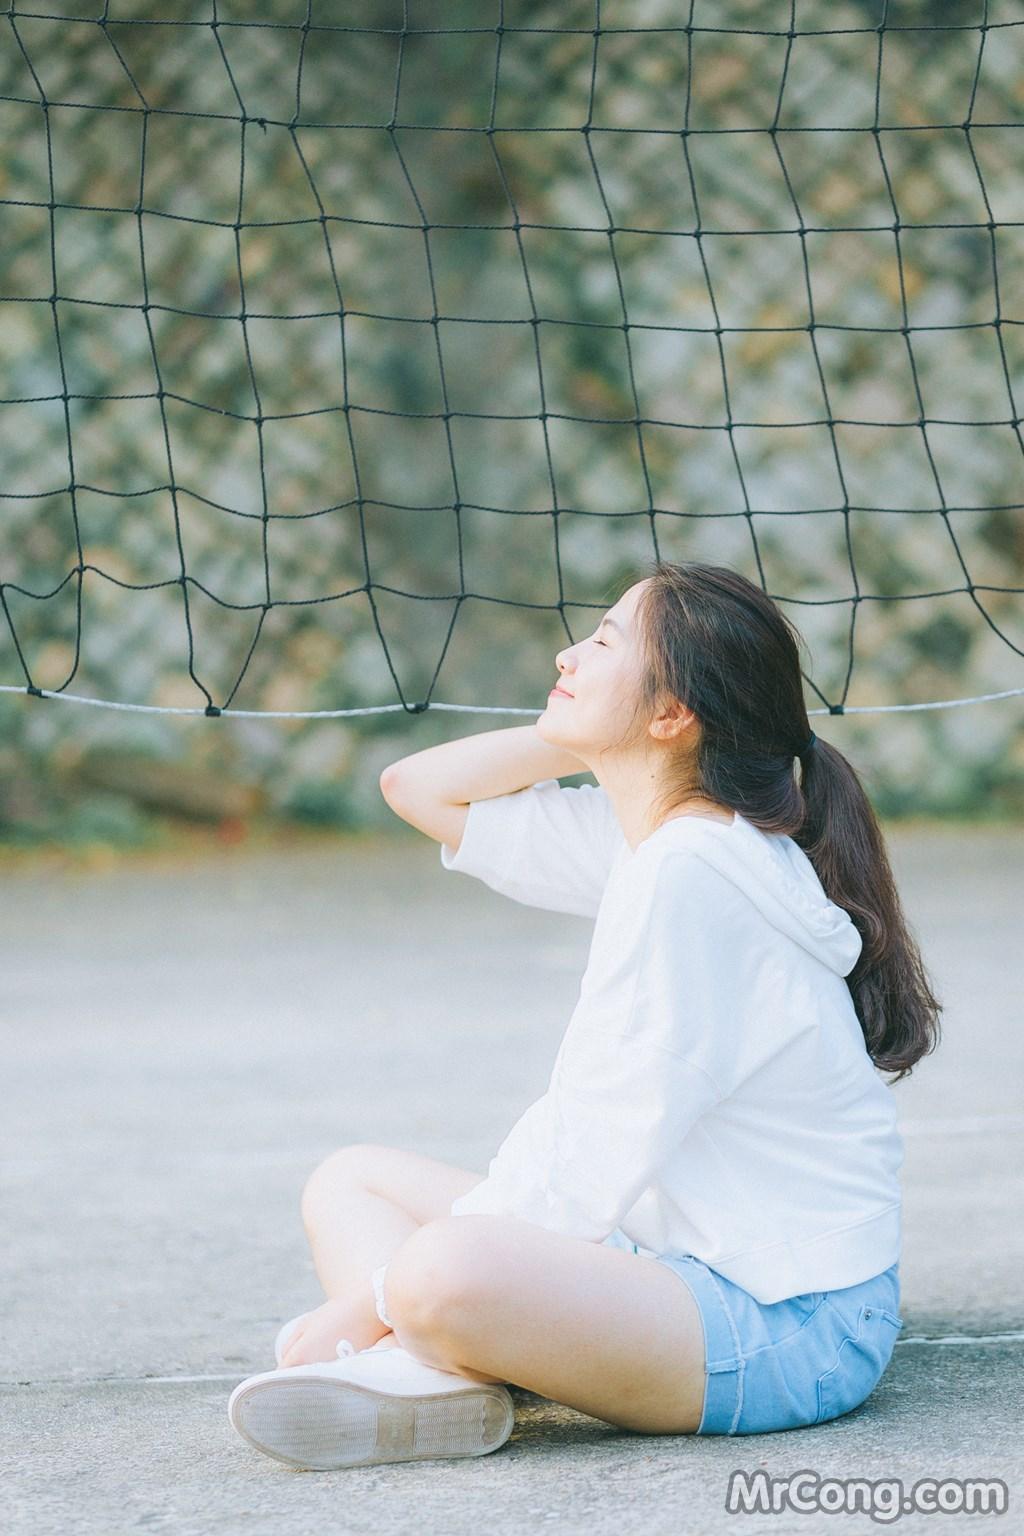 Image 27581753_1474945734970 in post Nữ sinh Trung Quốc xinh rạng ngời trên sân bóng (13 ảnh)